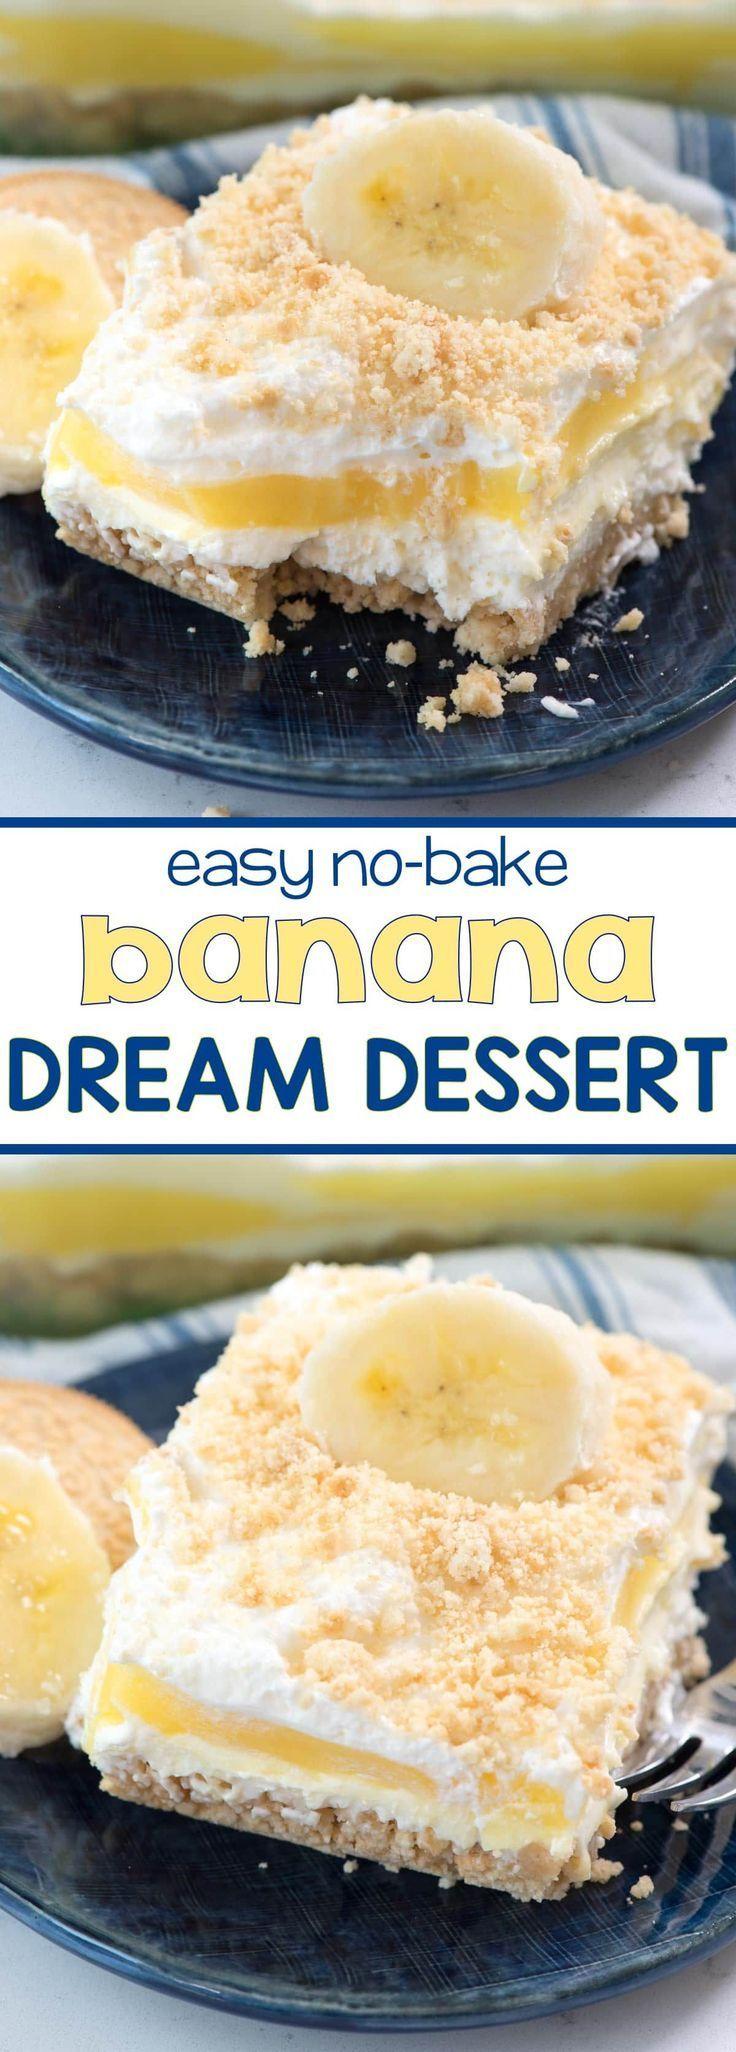 No Bake Banana Pudding Dream Dessert